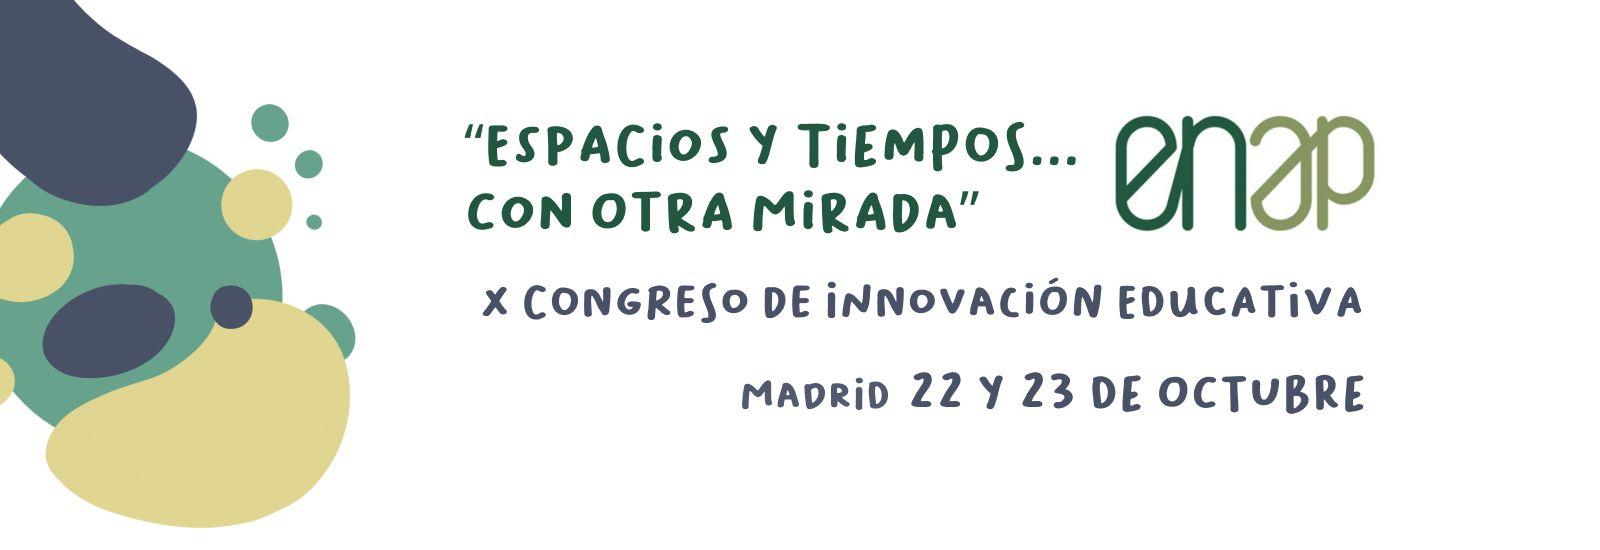 """Bajo el lema """"Espacios y tiempos…con otra mirada"""" se celebra el X Congreso de Innovación Educativa"""